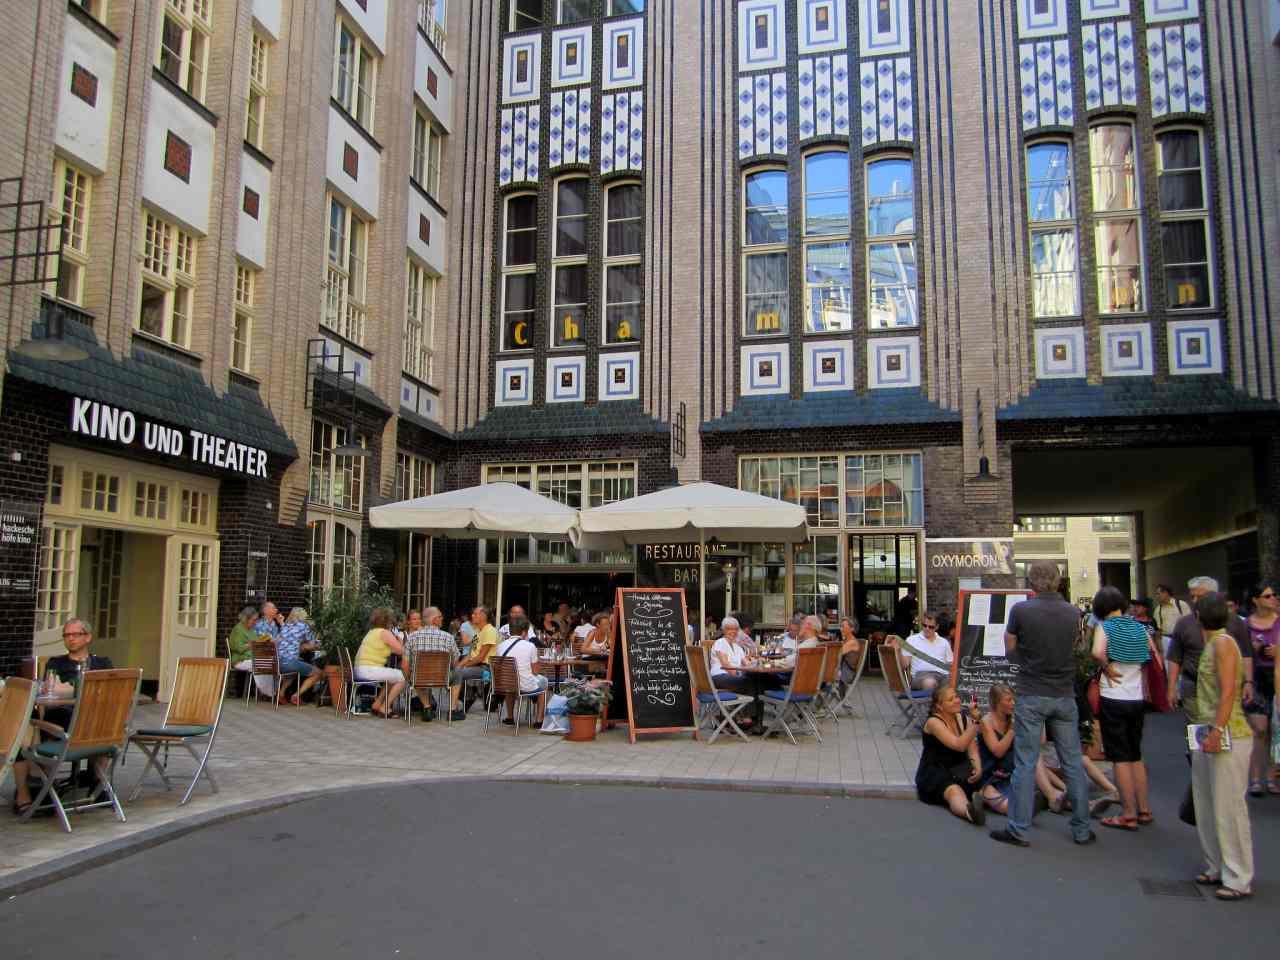 Hackesche Hoefe, Berlin Attractions, Germany